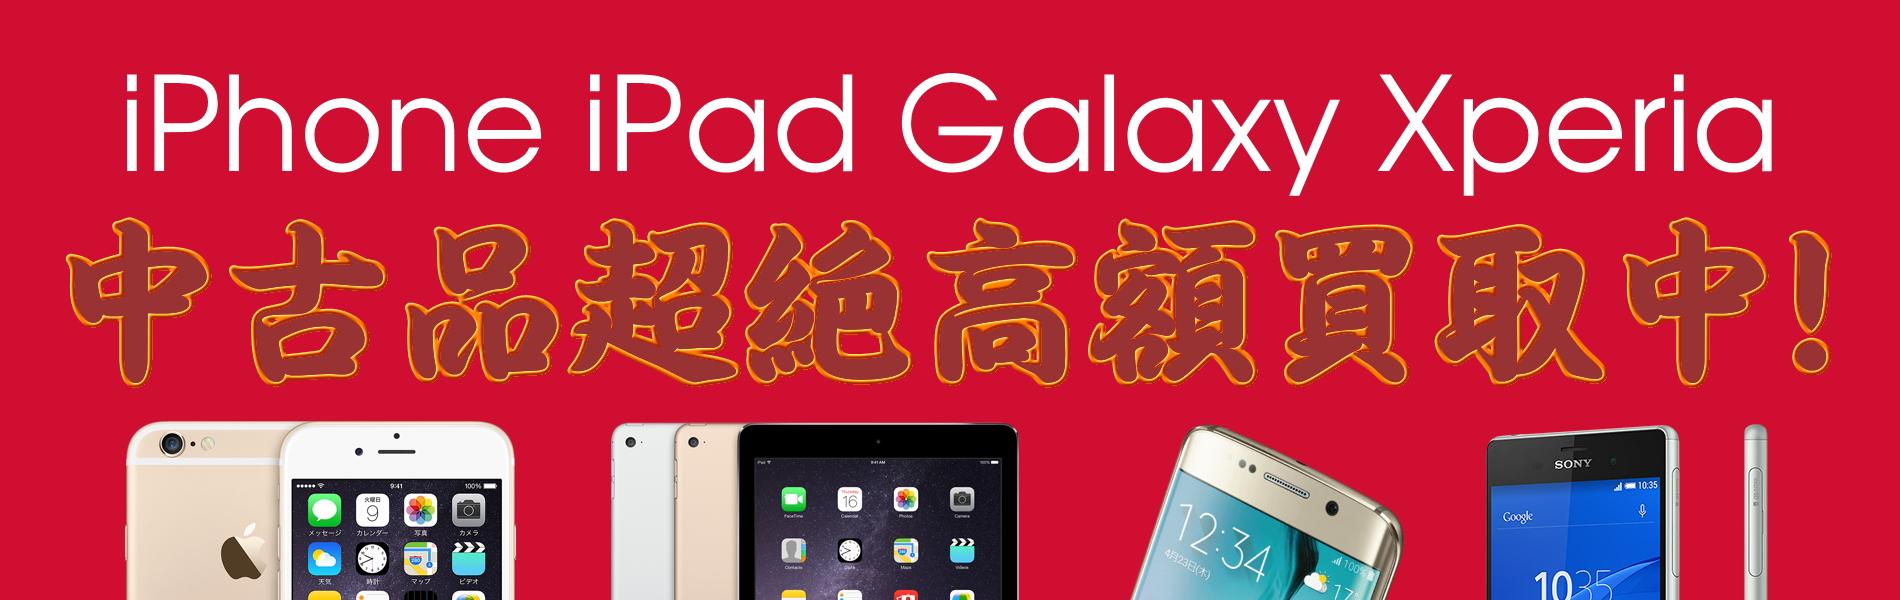 福岡携帯・スマホ買取・iPhoneの買取なら、福一白ロムドットコム-iPhone iPad Galaxy Xperia中古品超絶高額買取中!